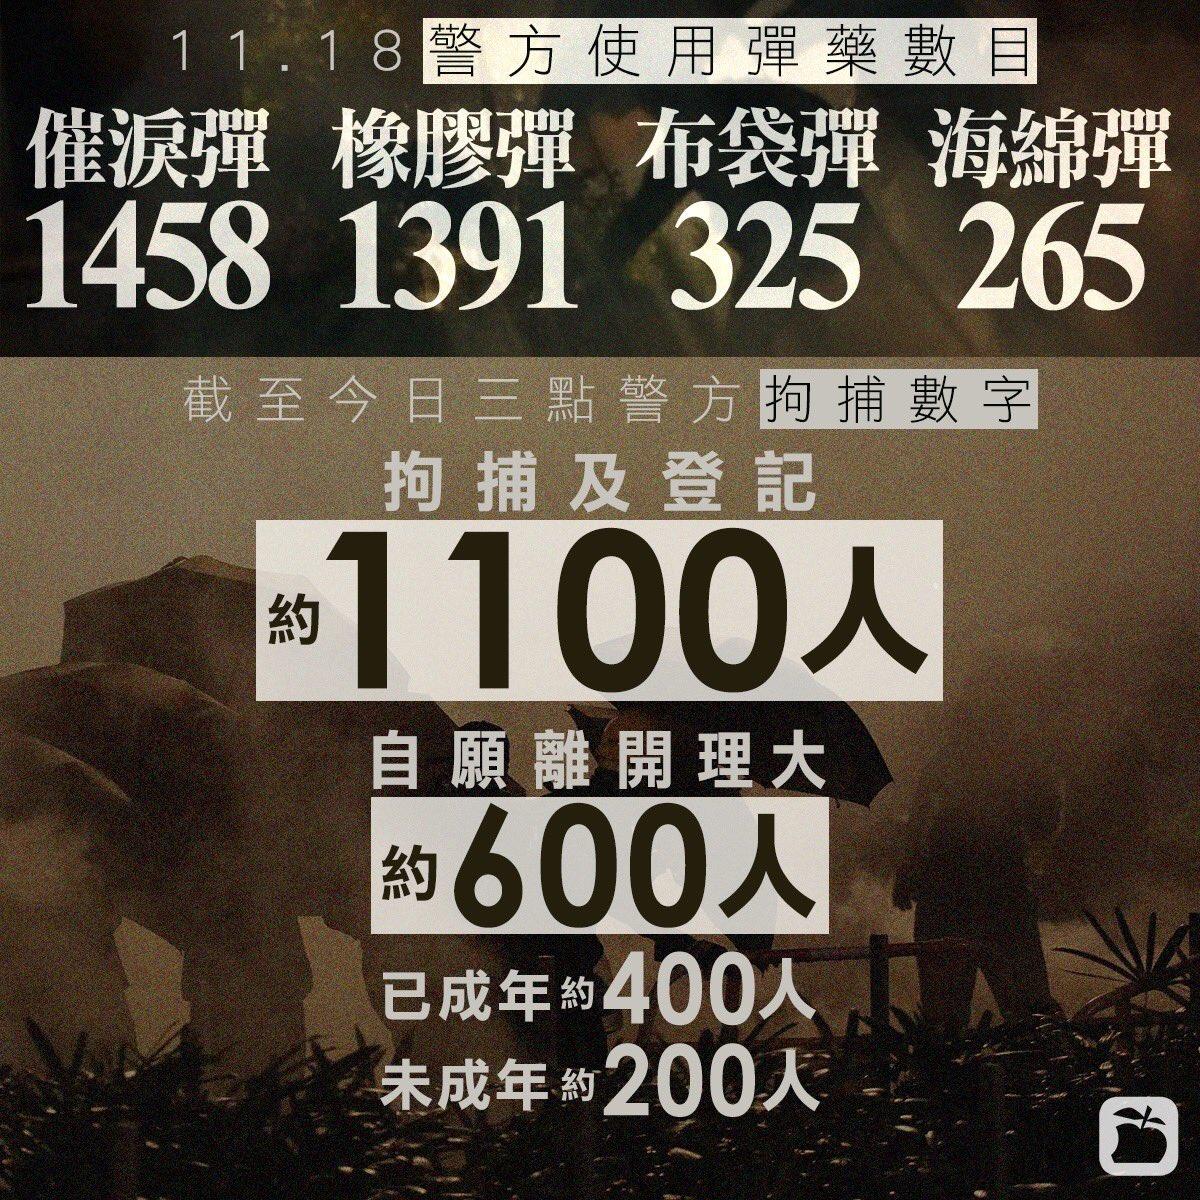 1118 香港警察武器使用数。催涙弾1458発、ゴム弾1391発、ビーンバック弾325発、スポンジ弾265発。逮捕者は約1100人。理大から離れたのは約600人でそのうち成人が約400人、未成年は約200人。現地中継